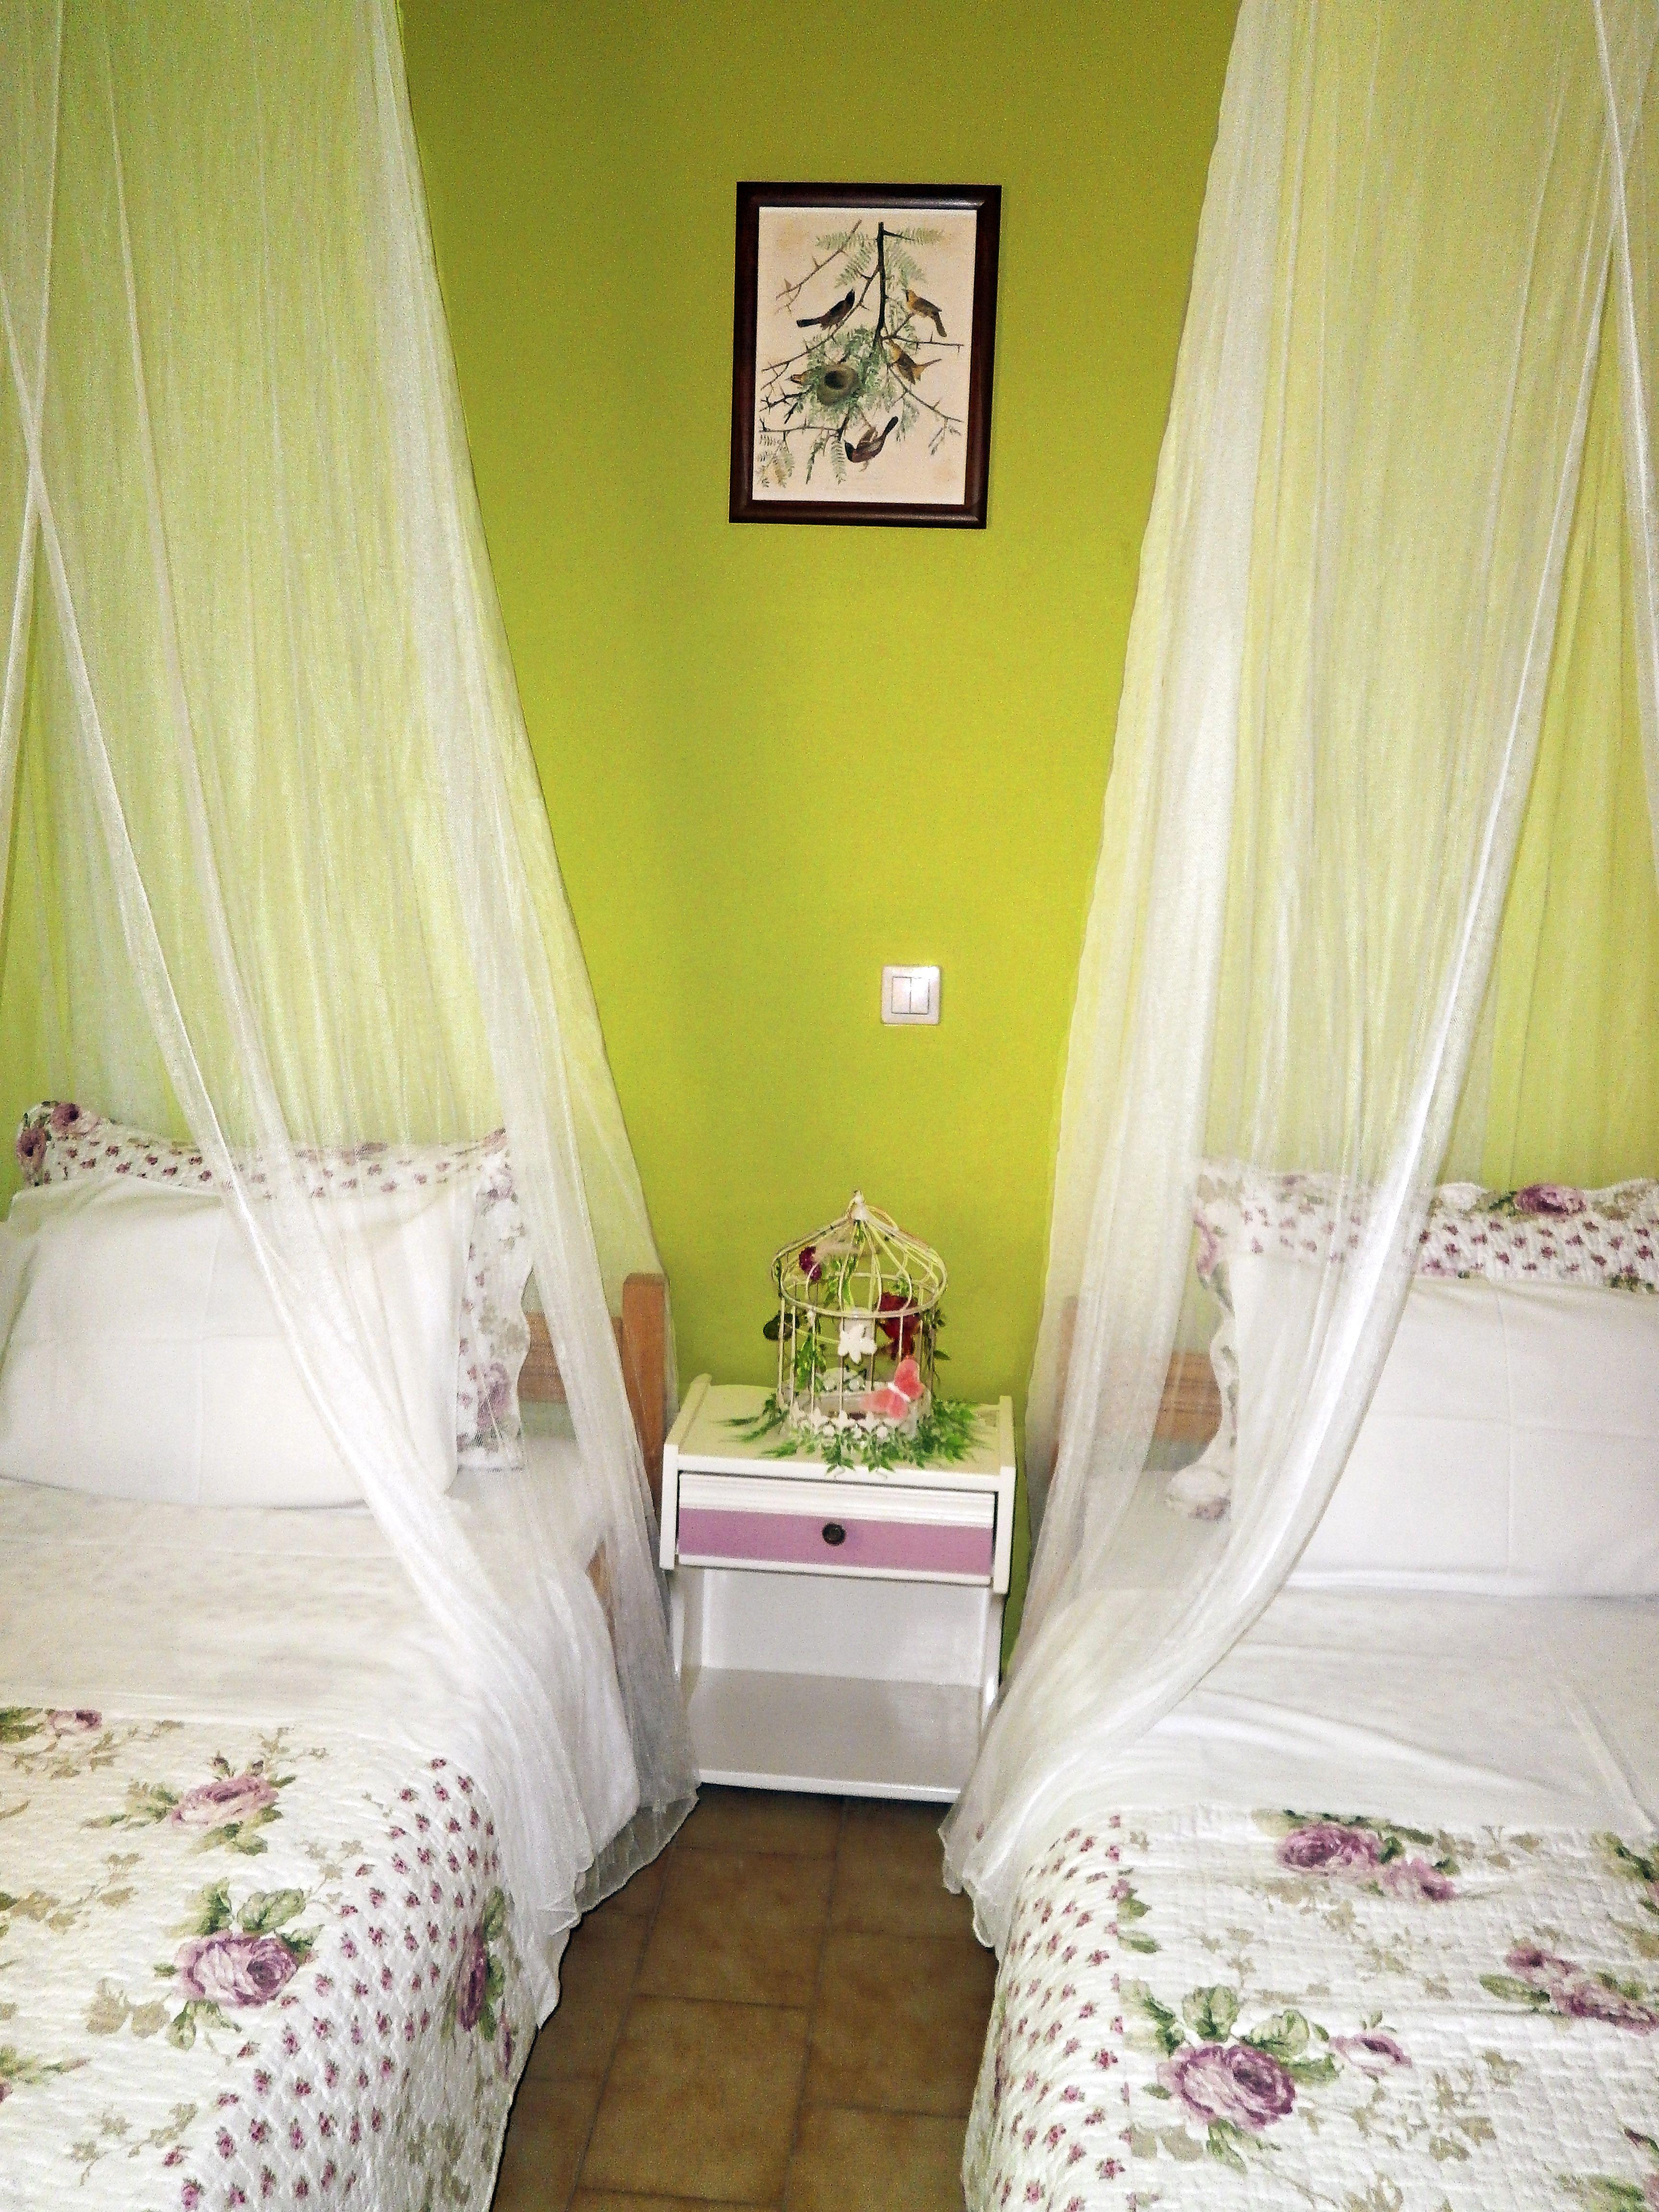 Cozy studio for romantic souls